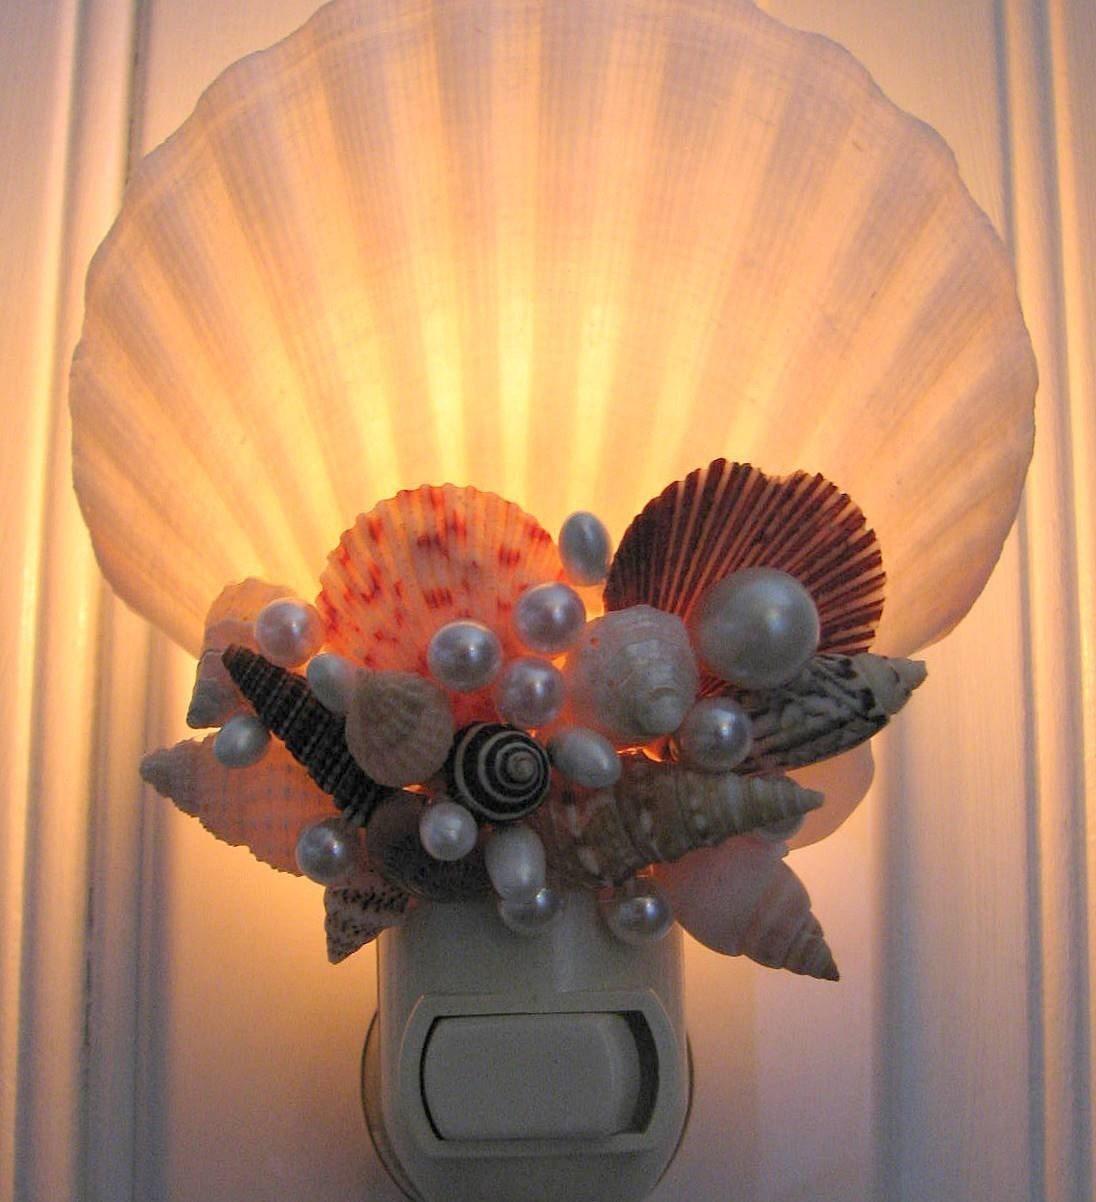 Морской Декор Seashell Night Light - Пляж Декор Shell Night Light